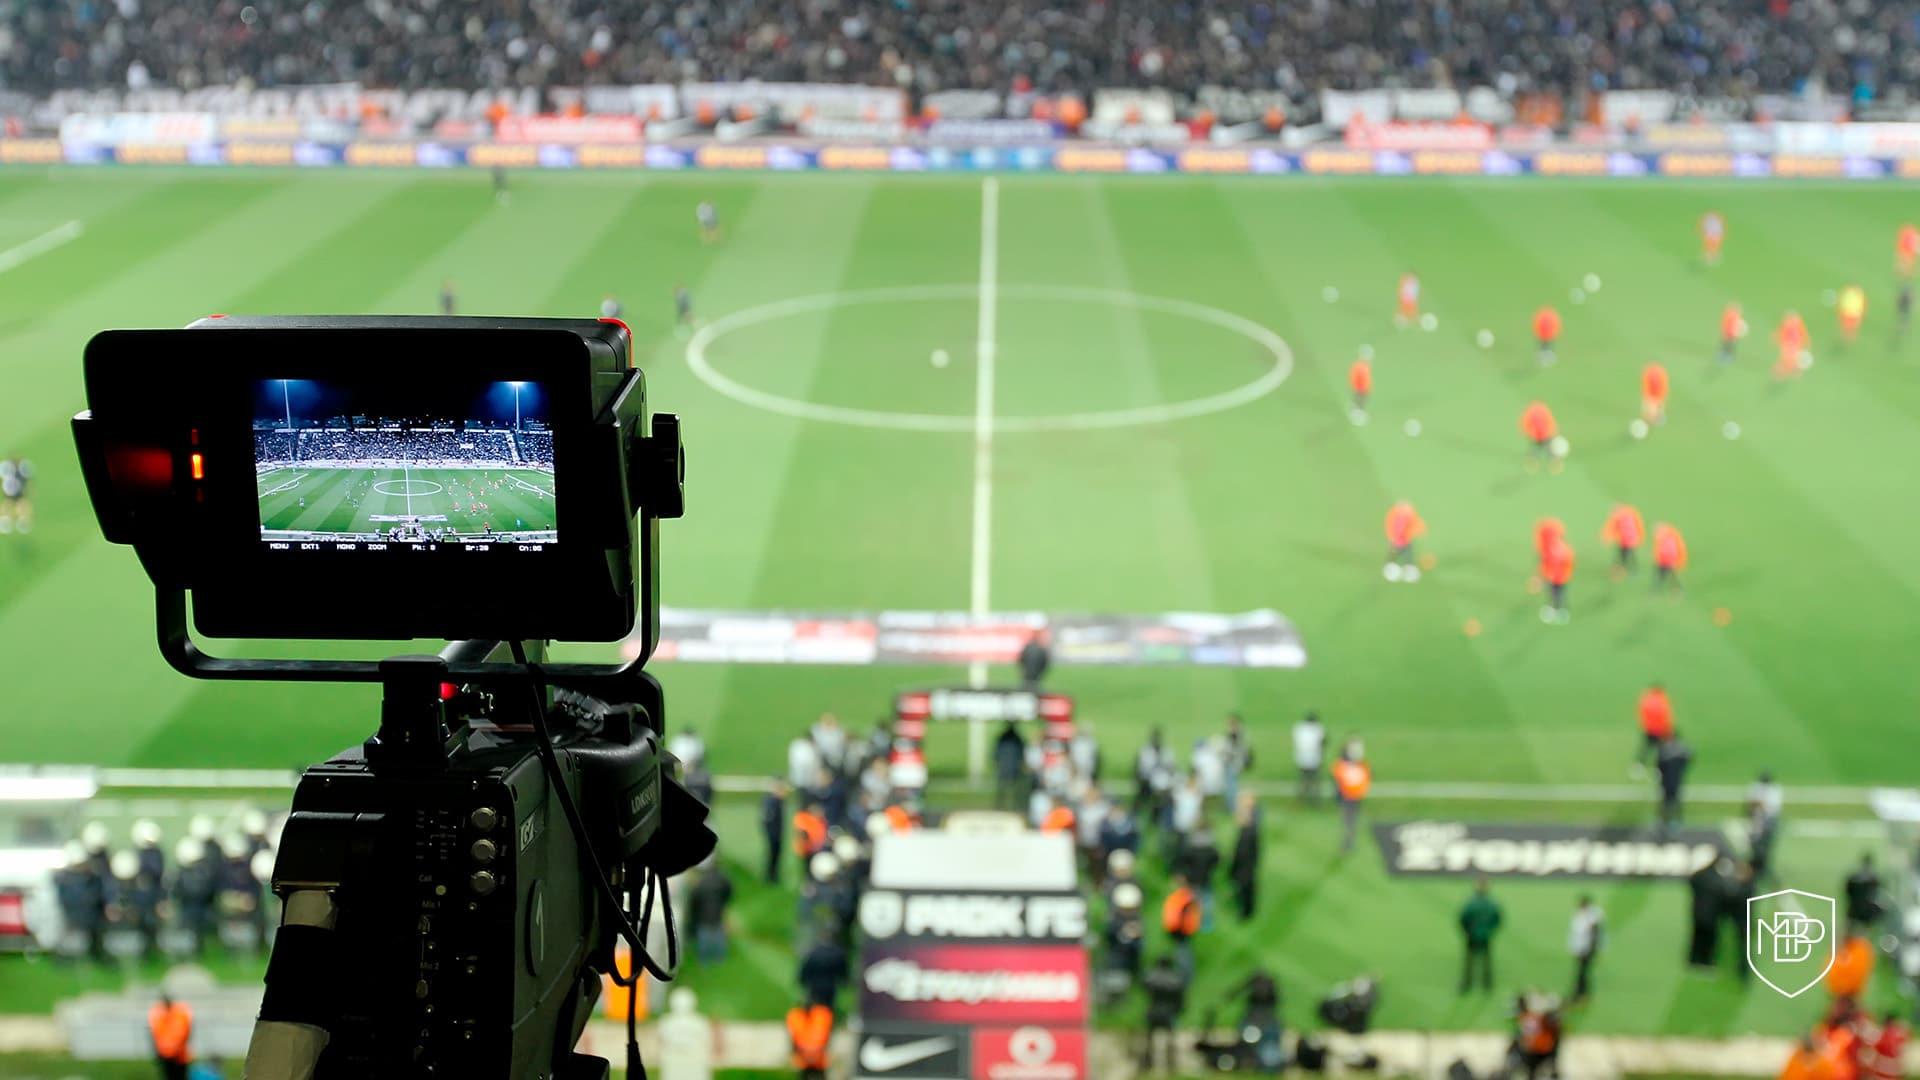 You are currently viewing De l'analyse au terrain: l'importance de l'analyse dans le football d'aujourd'hui